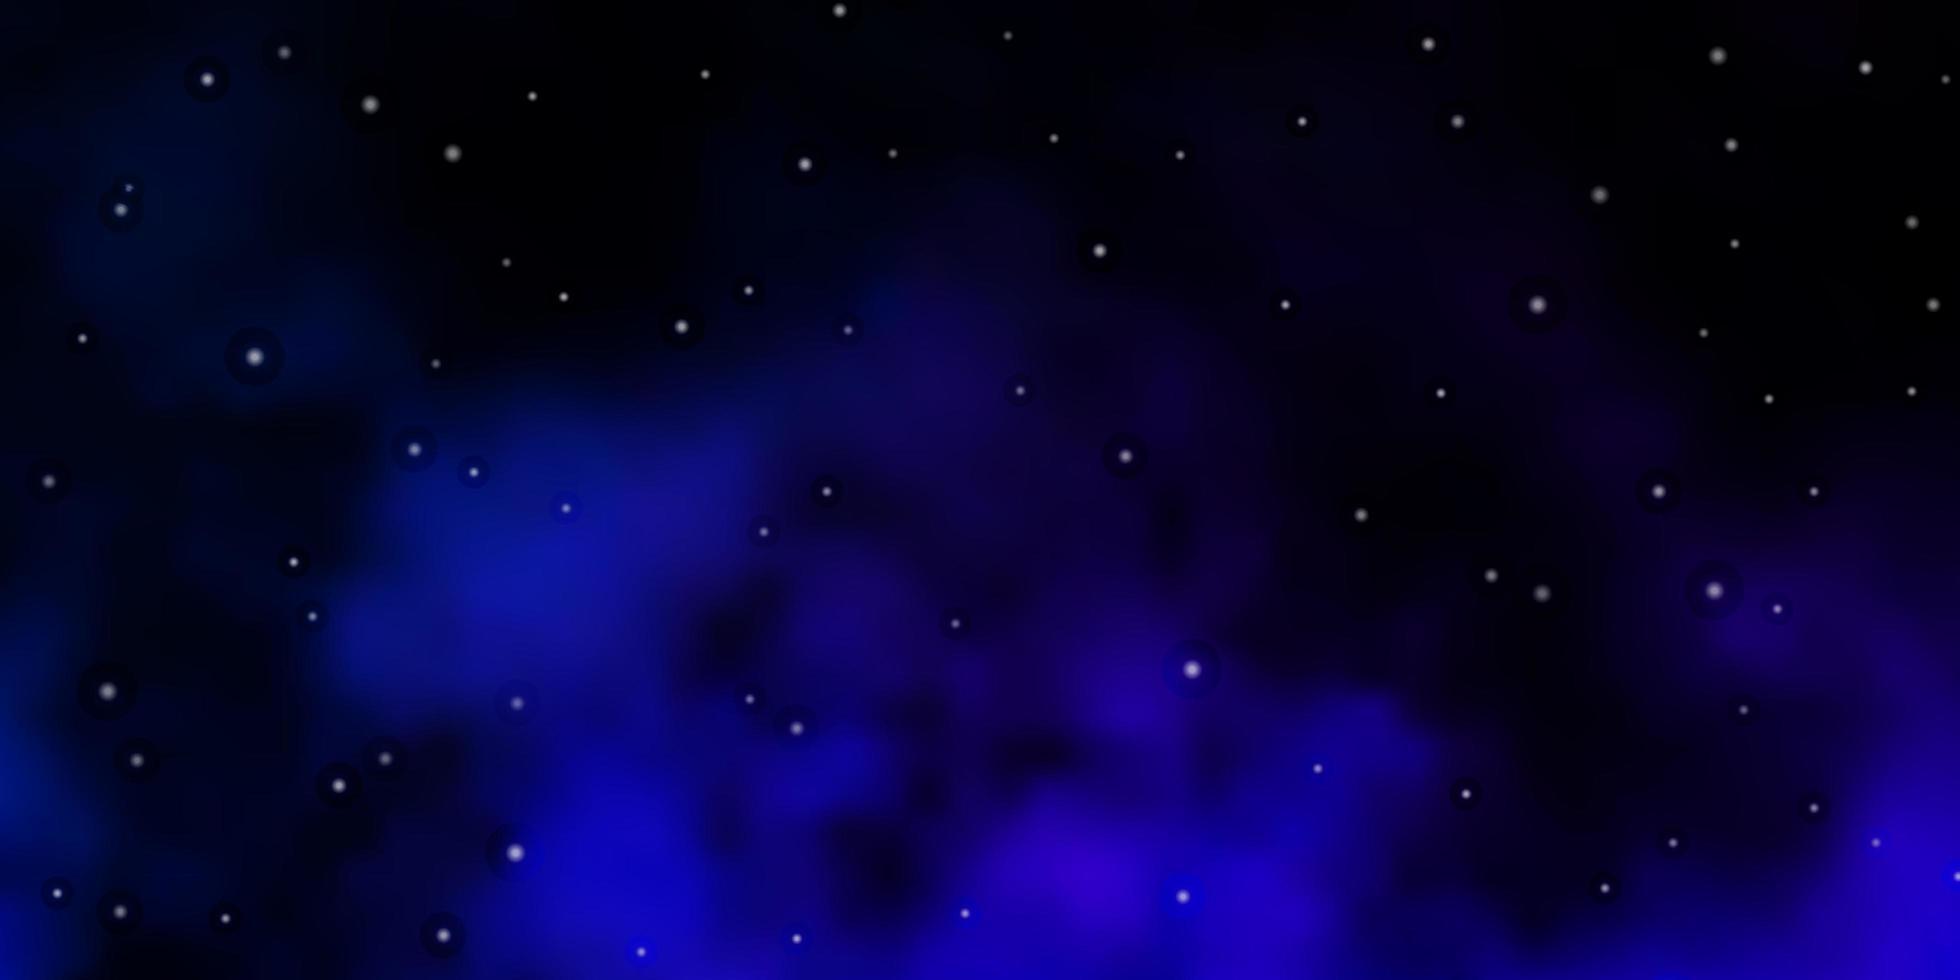 modello vettoriale blu scuro con stelle al neon.